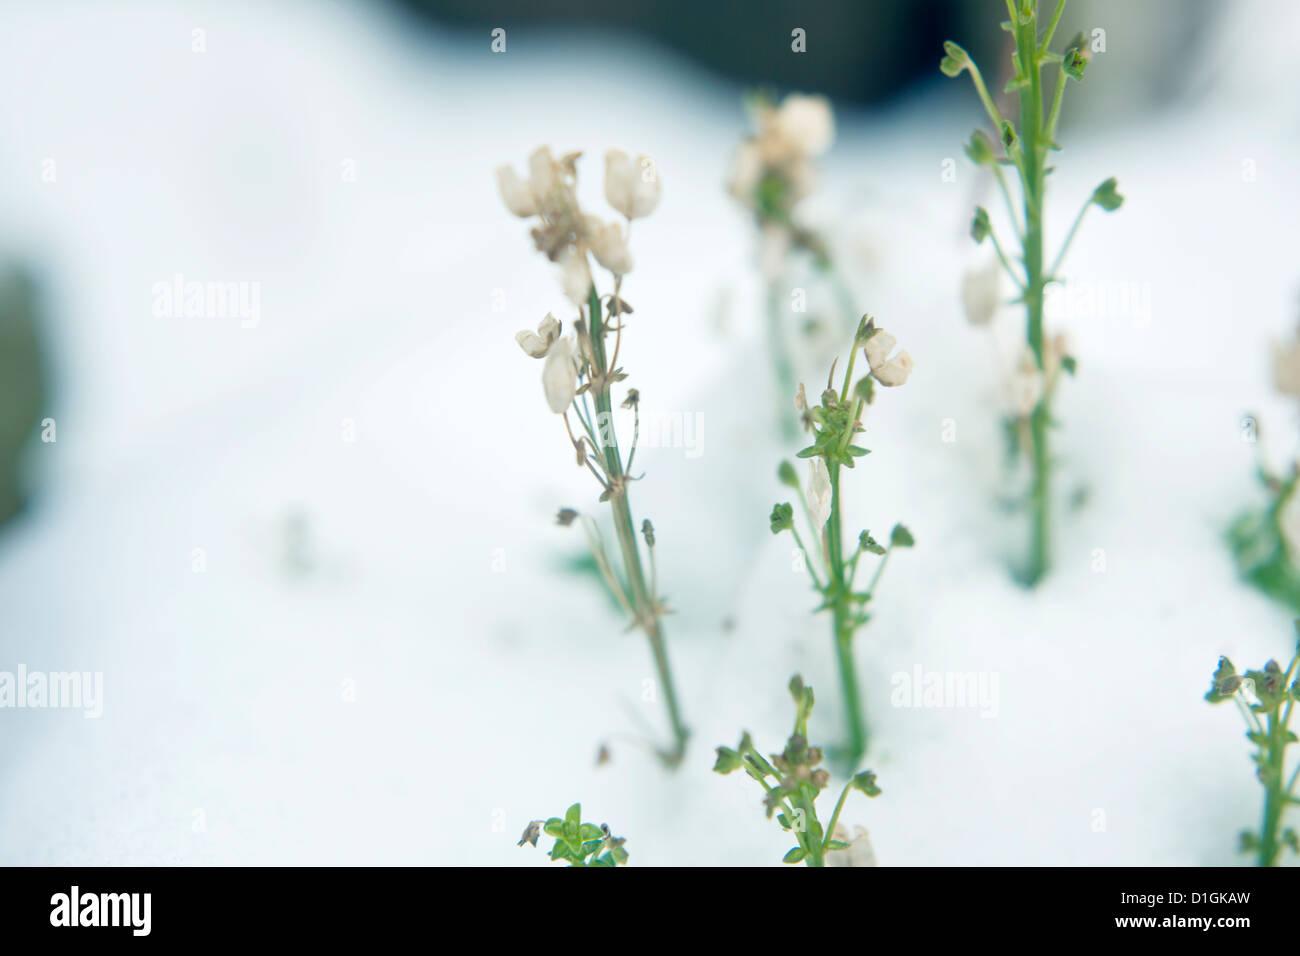 Peu de vert et blanc de plantes poussant dans la neige profonde Photo Stock